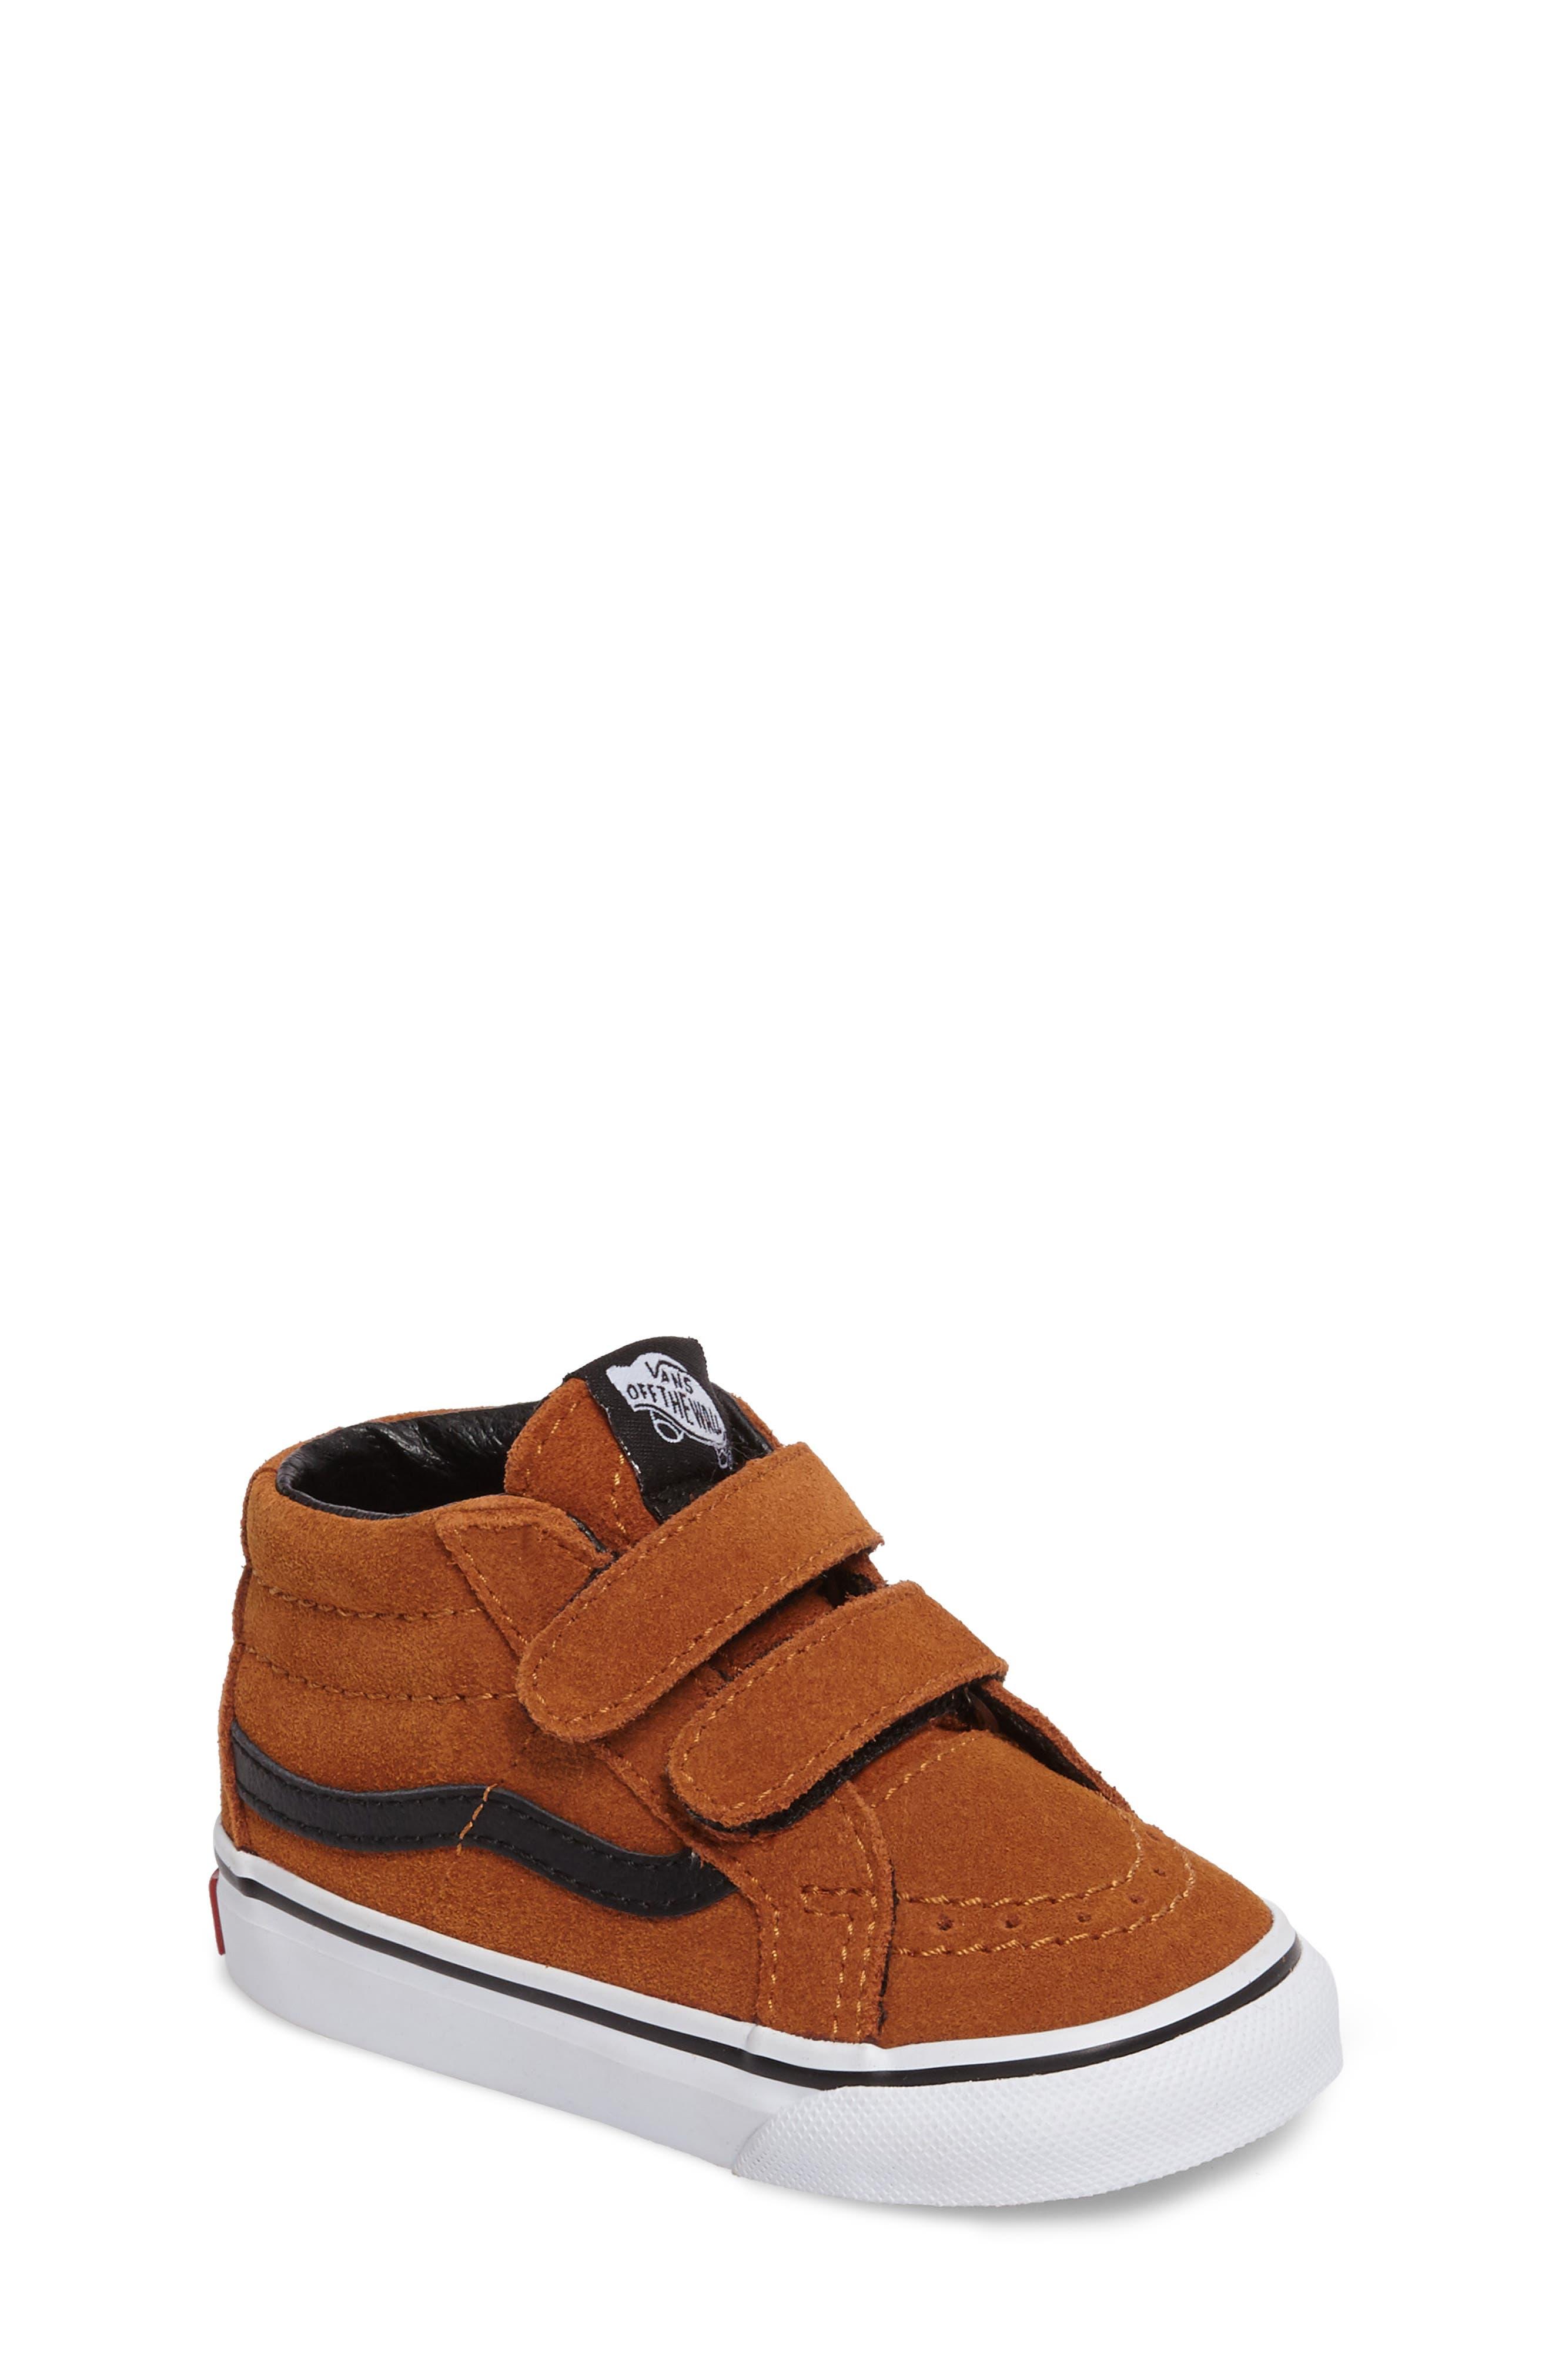 SK8-Mid Reissue Sneaker,                             Main thumbnail 1, color,                             Glazed Ginger/ Black